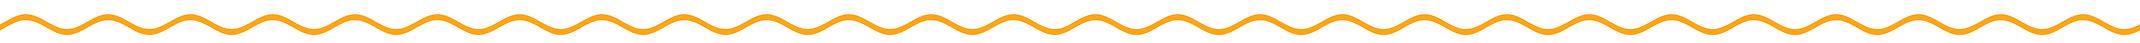 Wave Orange Line Full width.png